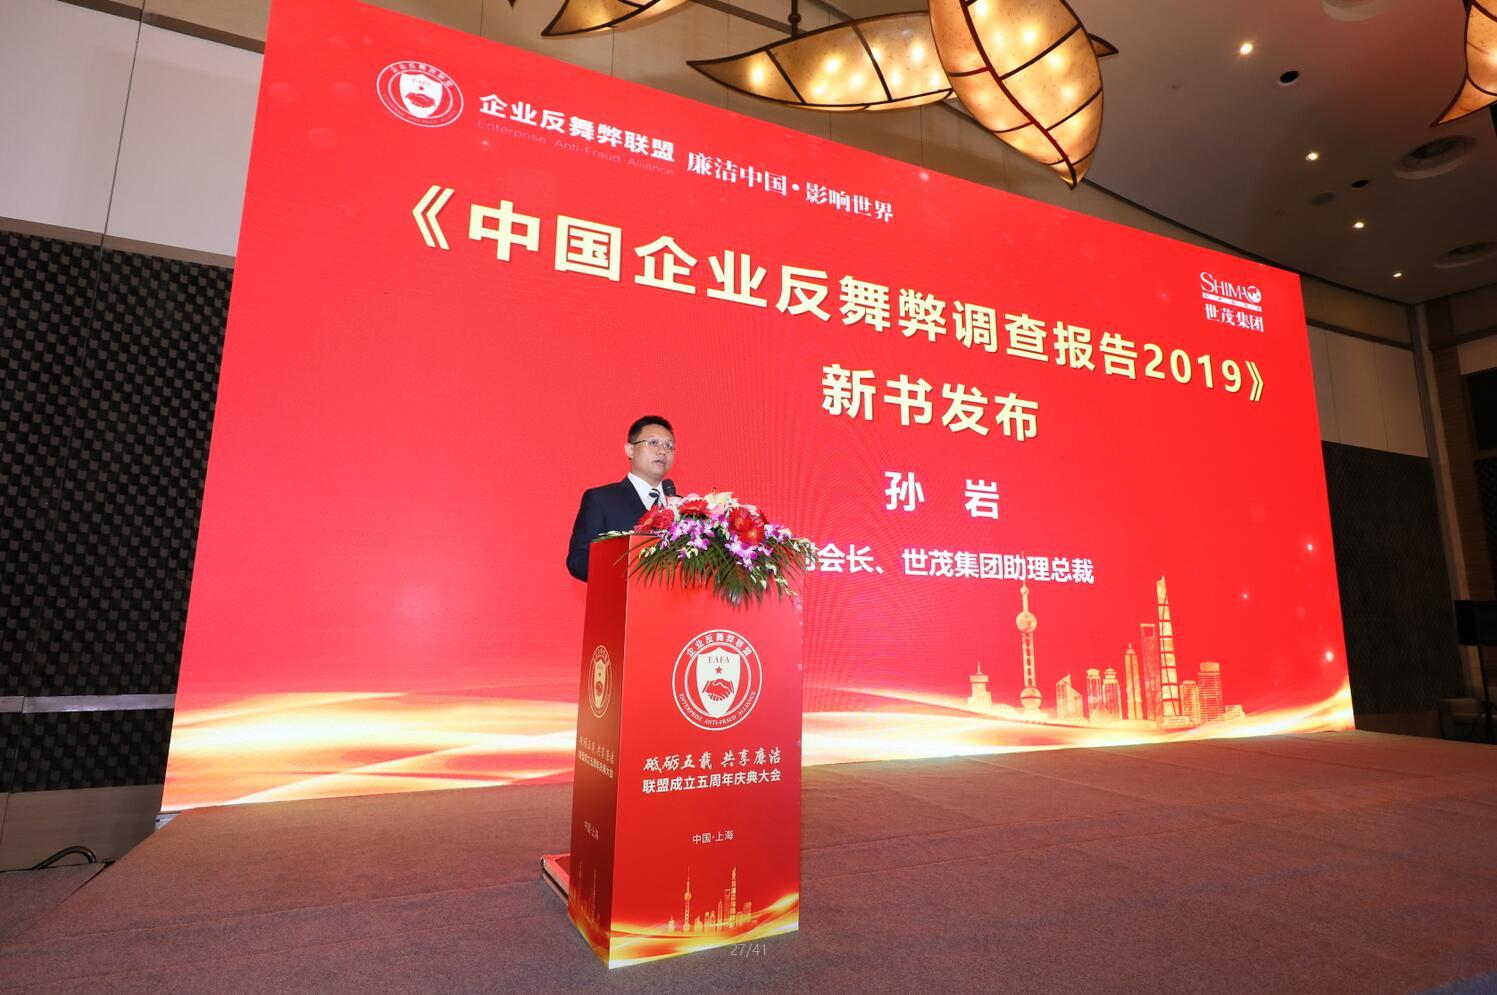 砥砺五载擎廉洁,不忘初心再扬帆—联盟五周年庆典大会在上海召开